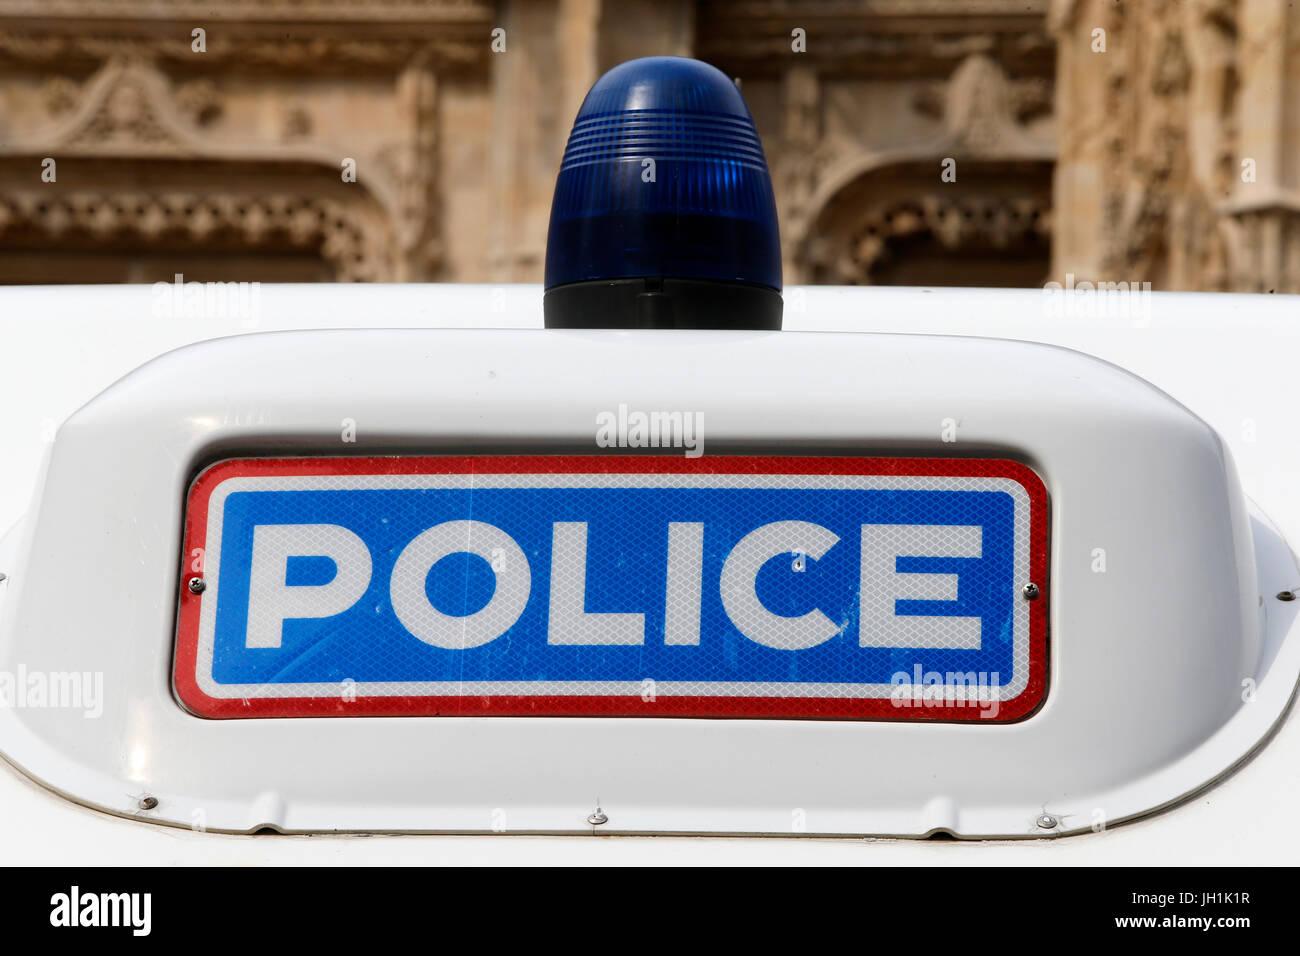 Veicolo di polizia. La Francia. Immagini Stock